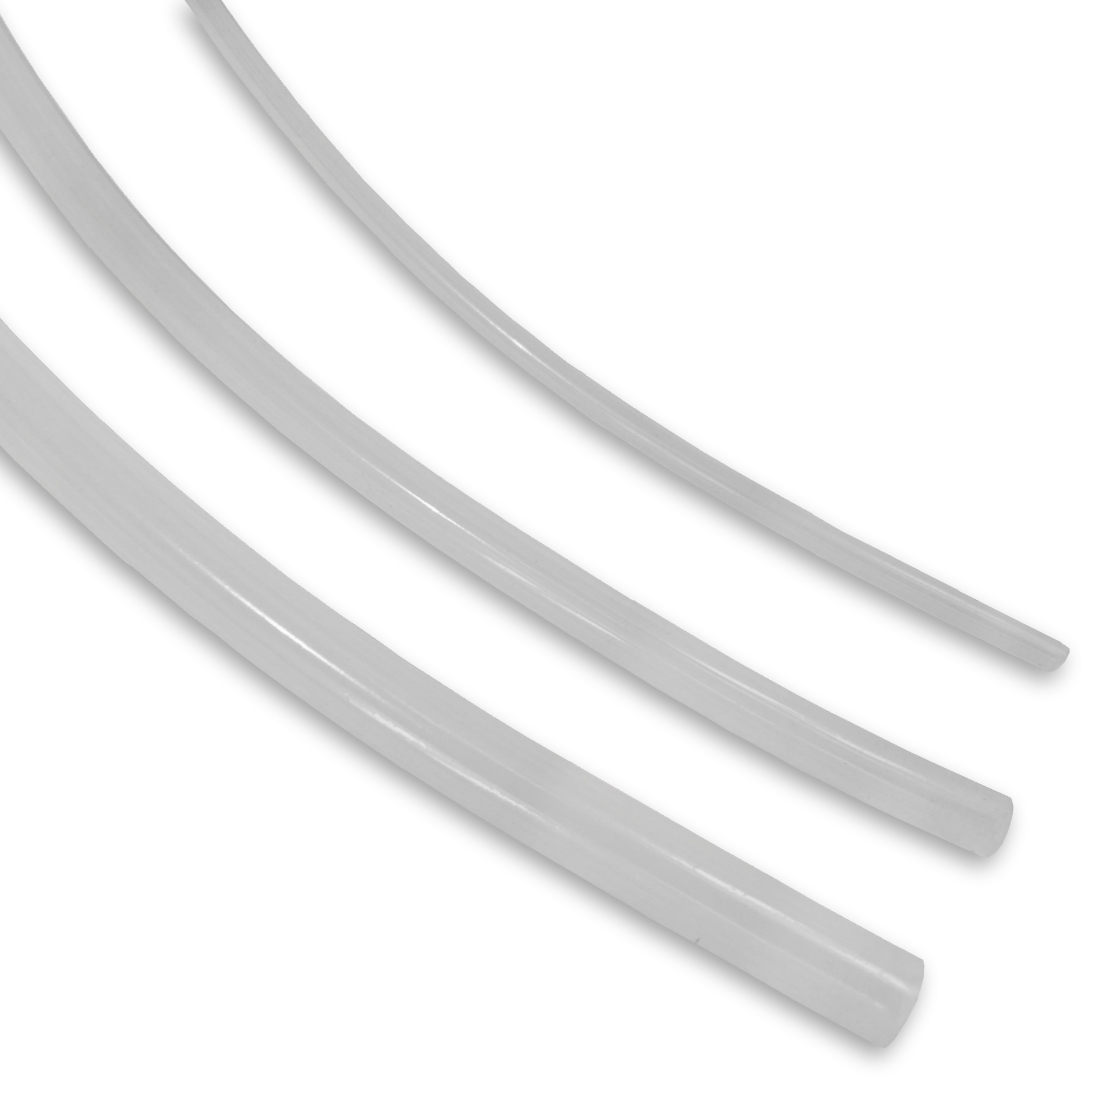 Translucent Platinum Cured Silicone Tubings